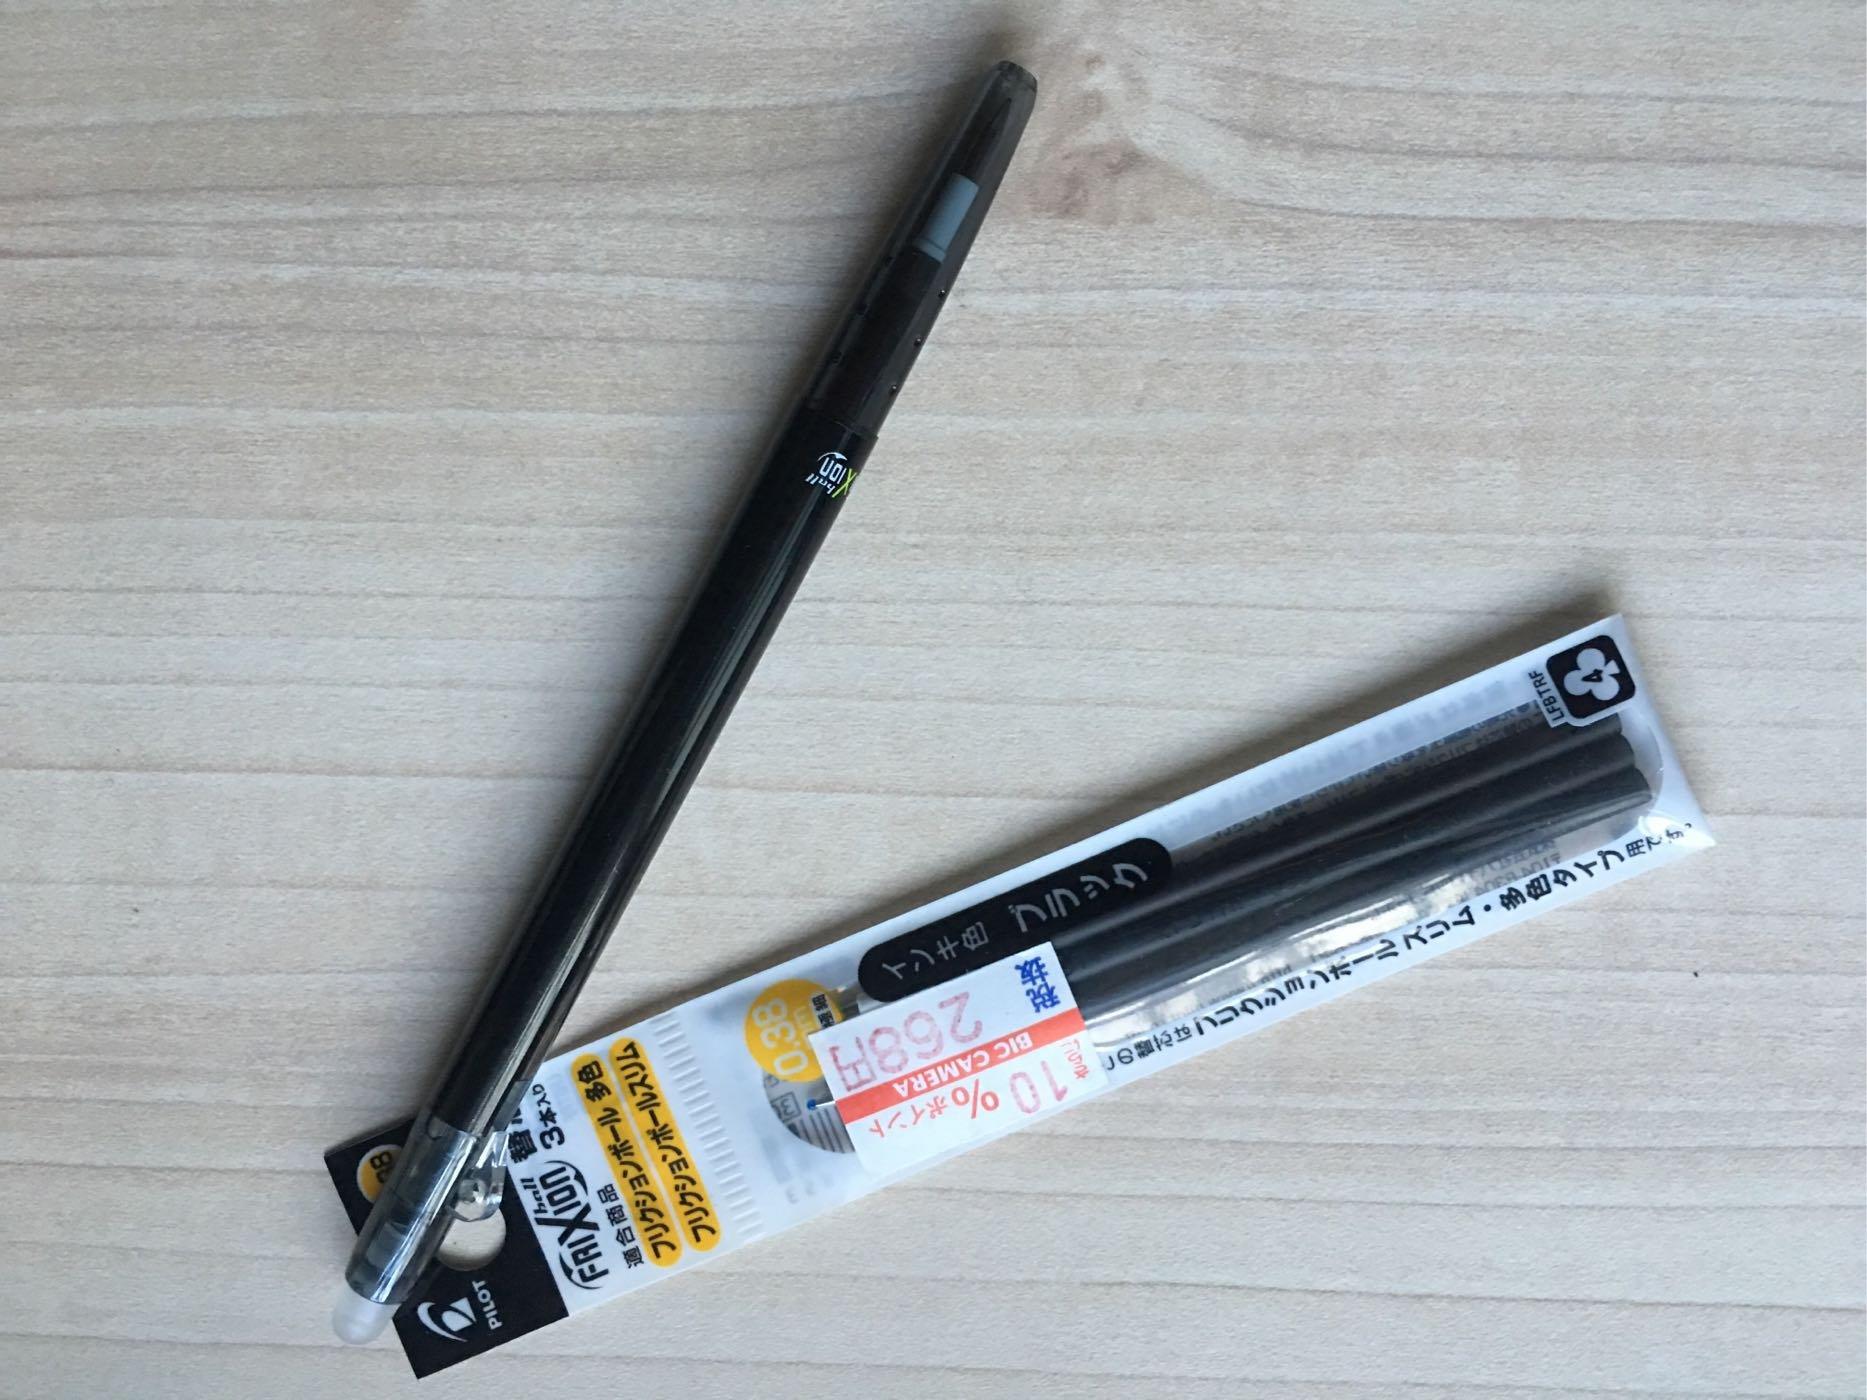 購買 買一送一 :可擦拭原子筆 筆芯 (黑色)